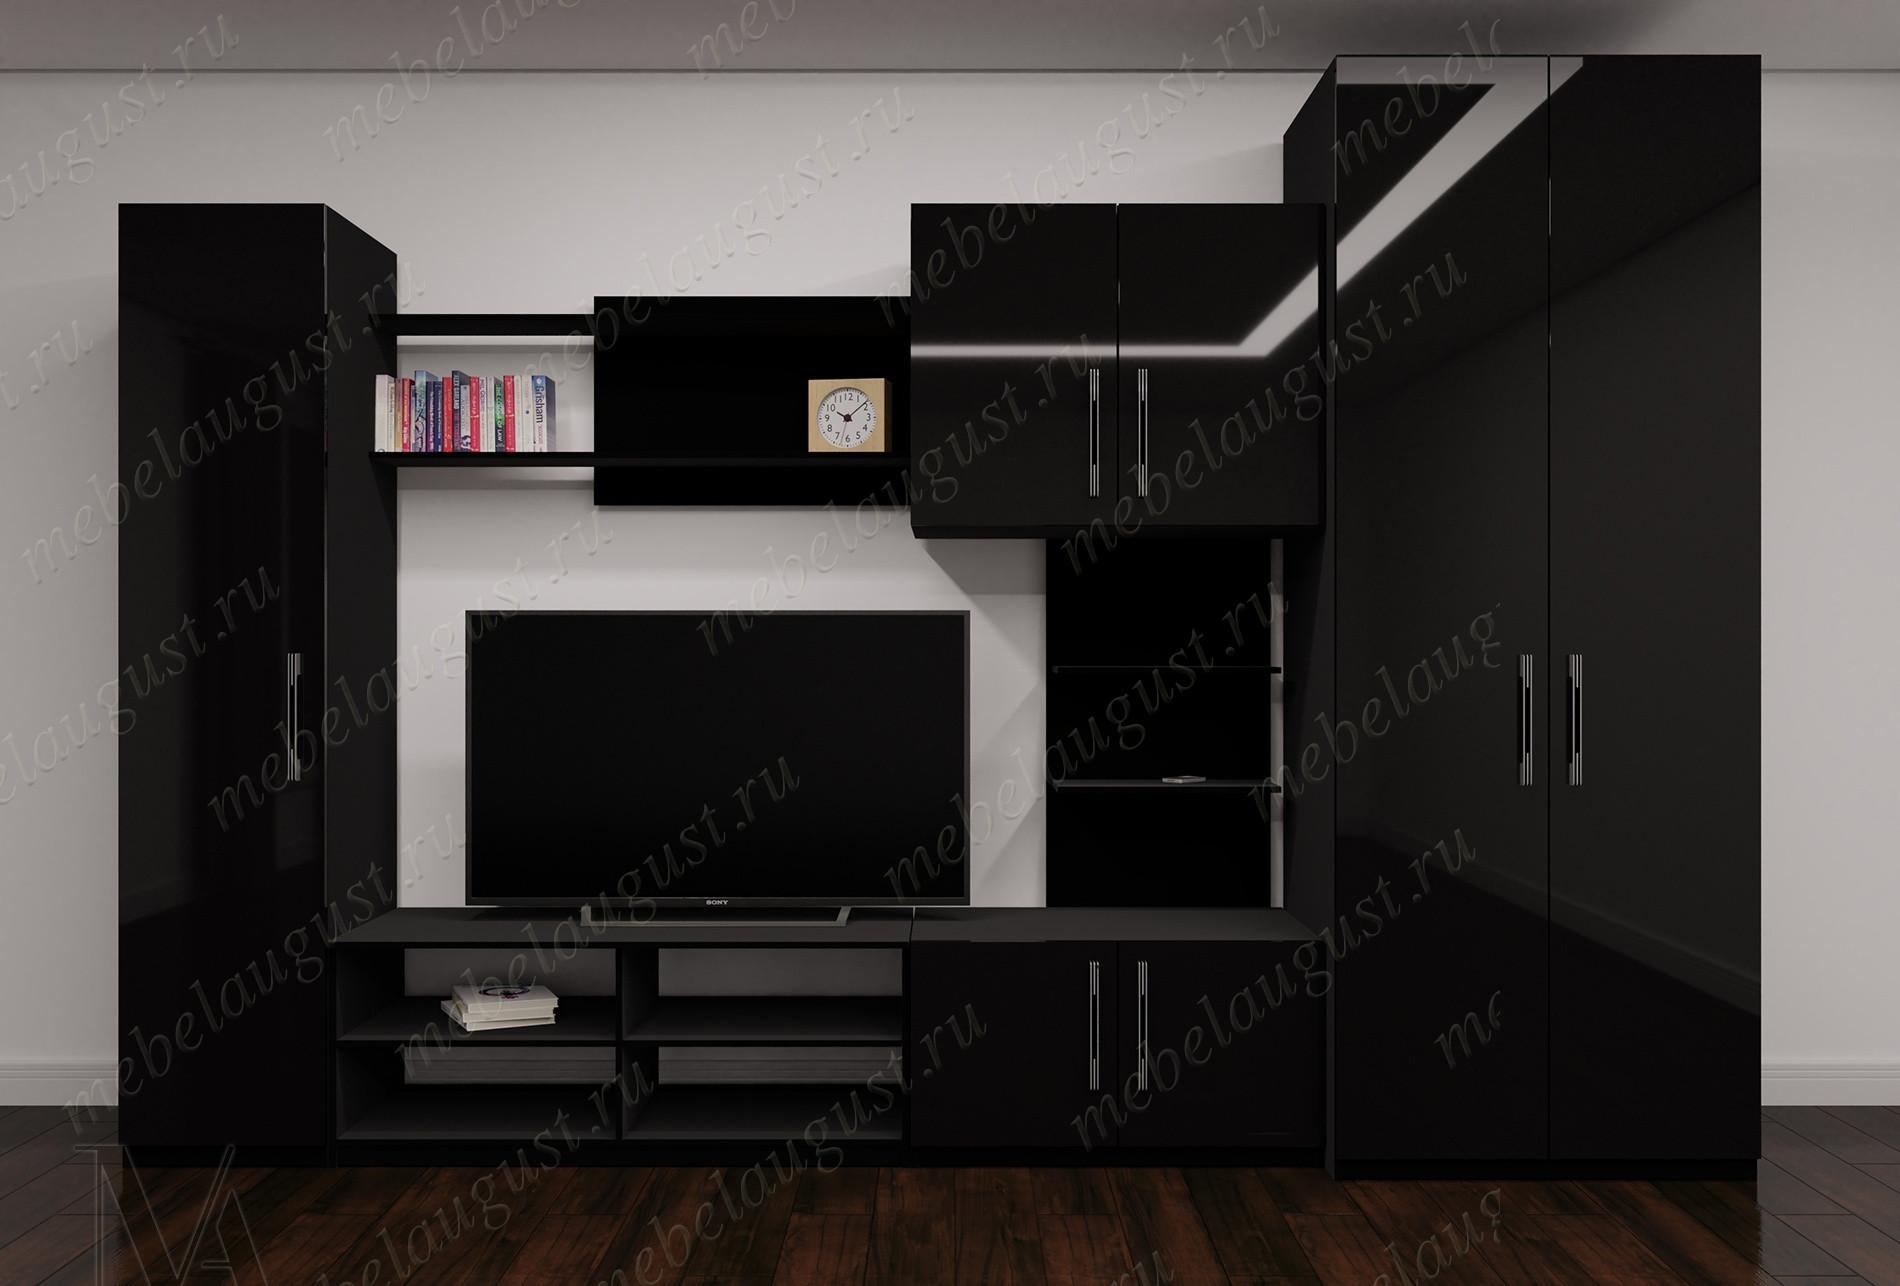 Стенка в гостиную с полкой для телевизора в спальню цвета черный глянец